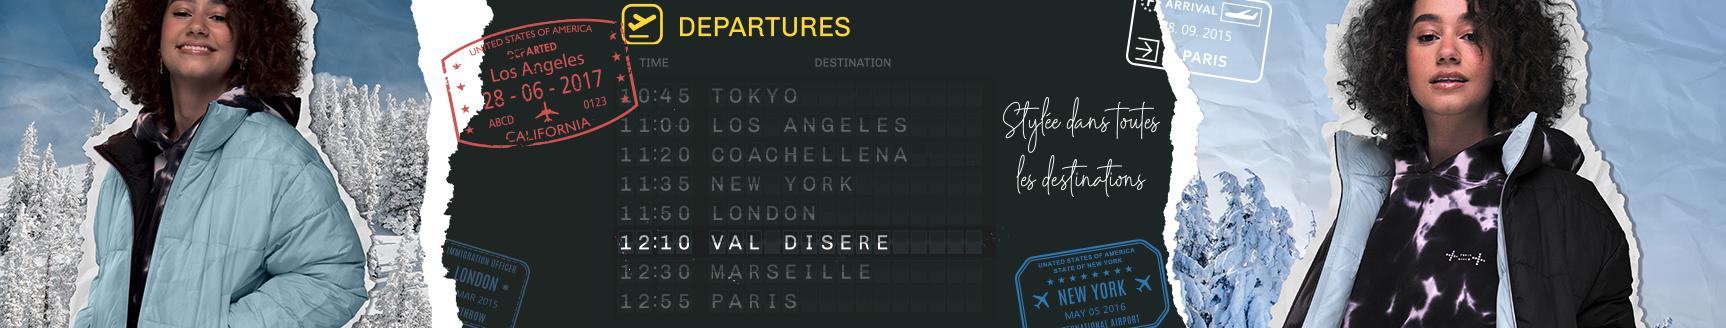 Destinationvalisere